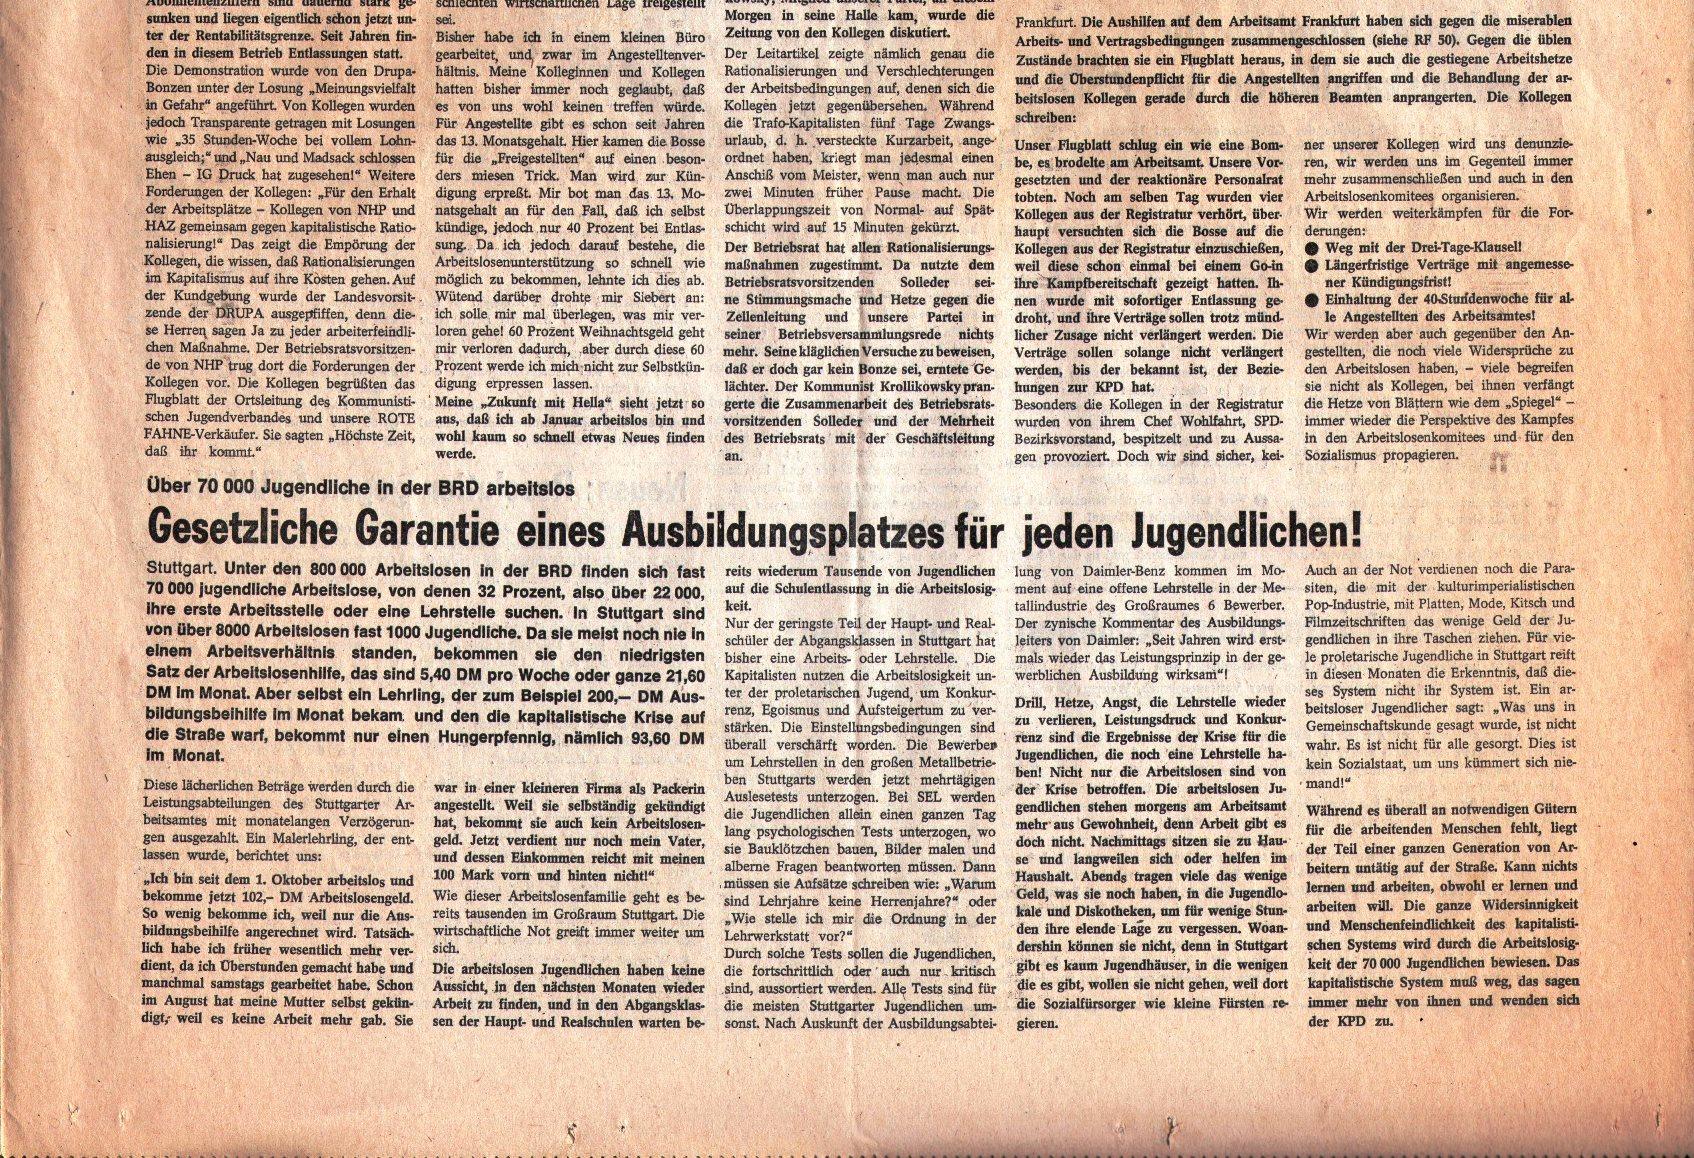 KPD_Rote_Fahne_1974_51_10